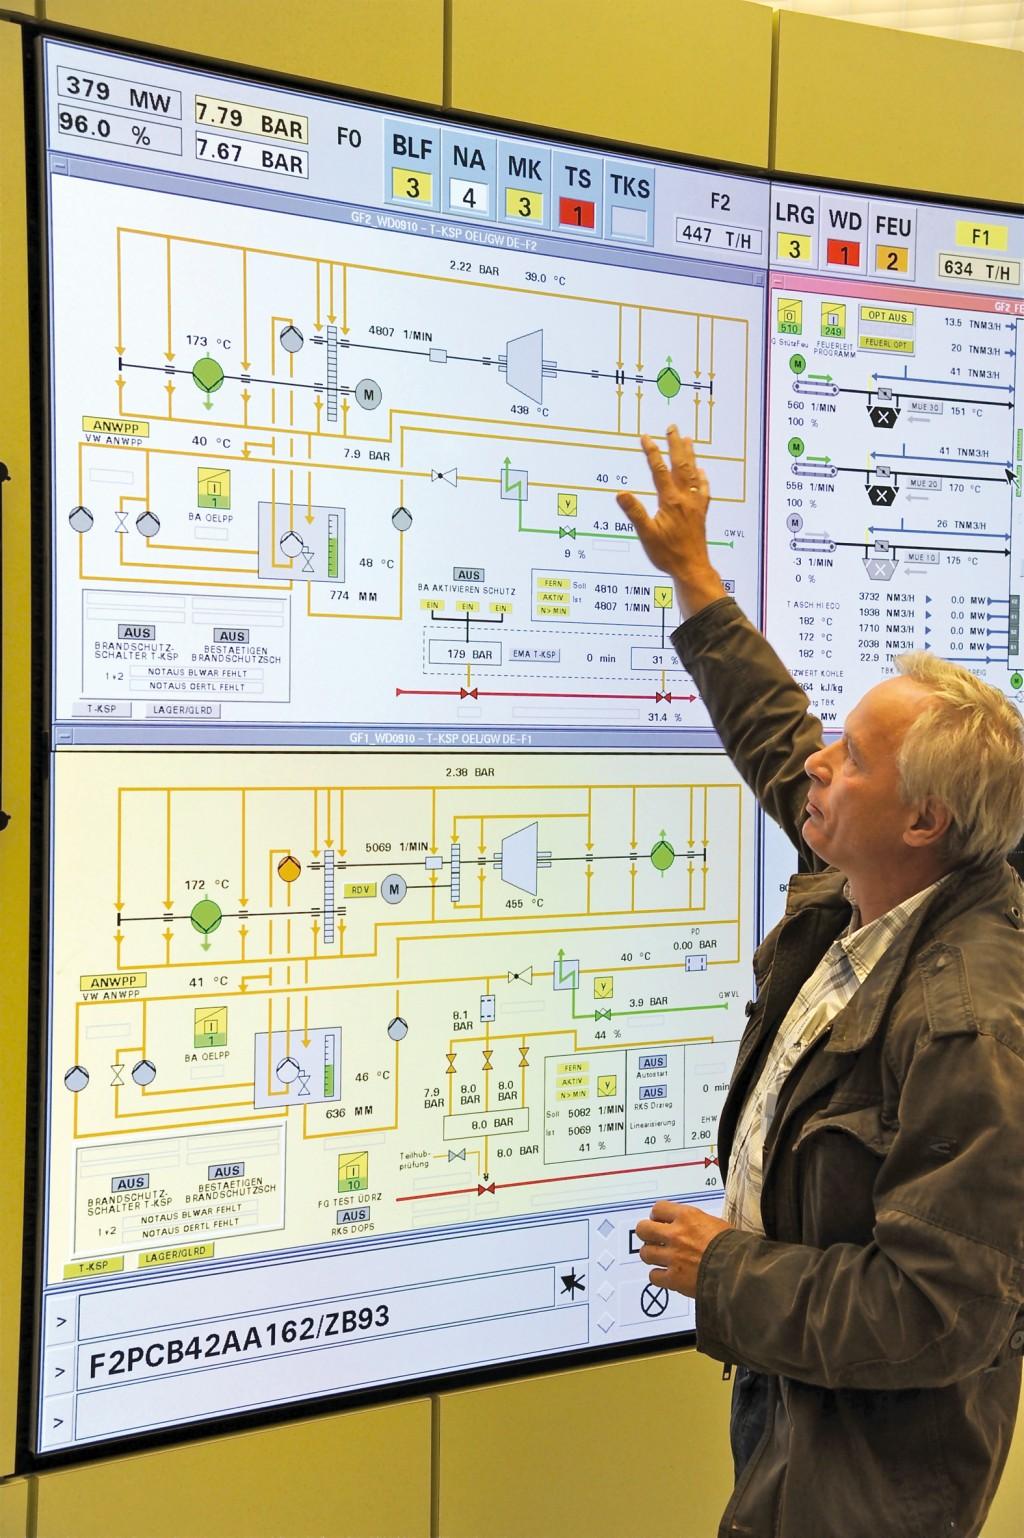 Klaus Enders, Techniker Maschinentechnik und Rohrleitungen bei Vattenfall, in der Leitwarte. In der Anzeige sind die konventionelle Turbine (F1, unten) und die magnetgelagerte (F2) anhand der fehlenden Ölkreisläufe gut zu unterscheiden. Bild: www.witzsch.com